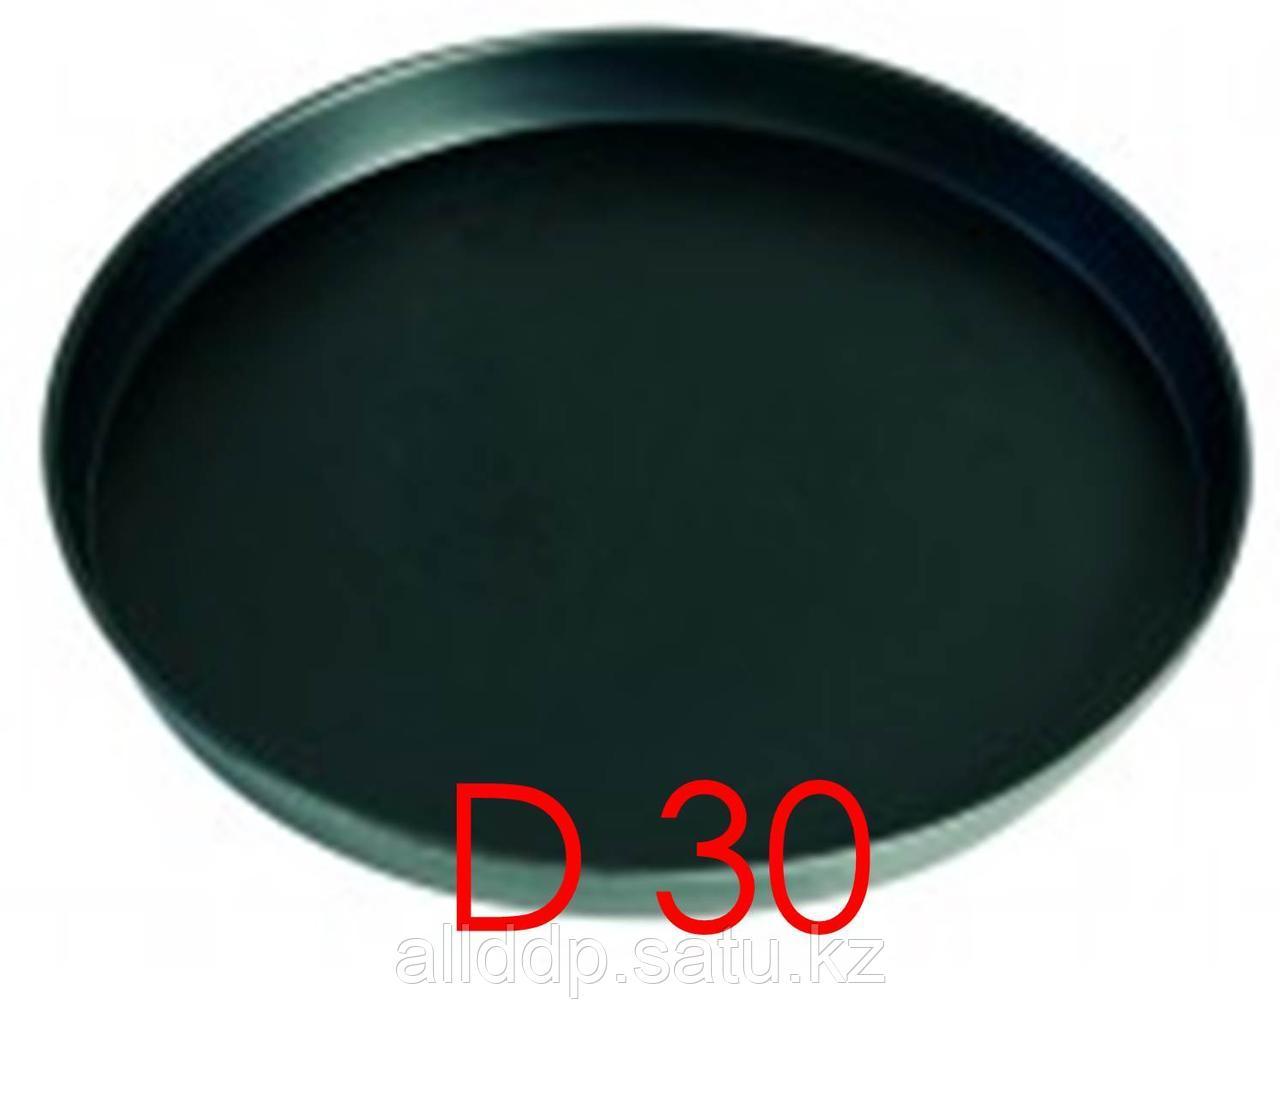 Форма для пиццы, D 300 мм, H 25 мм